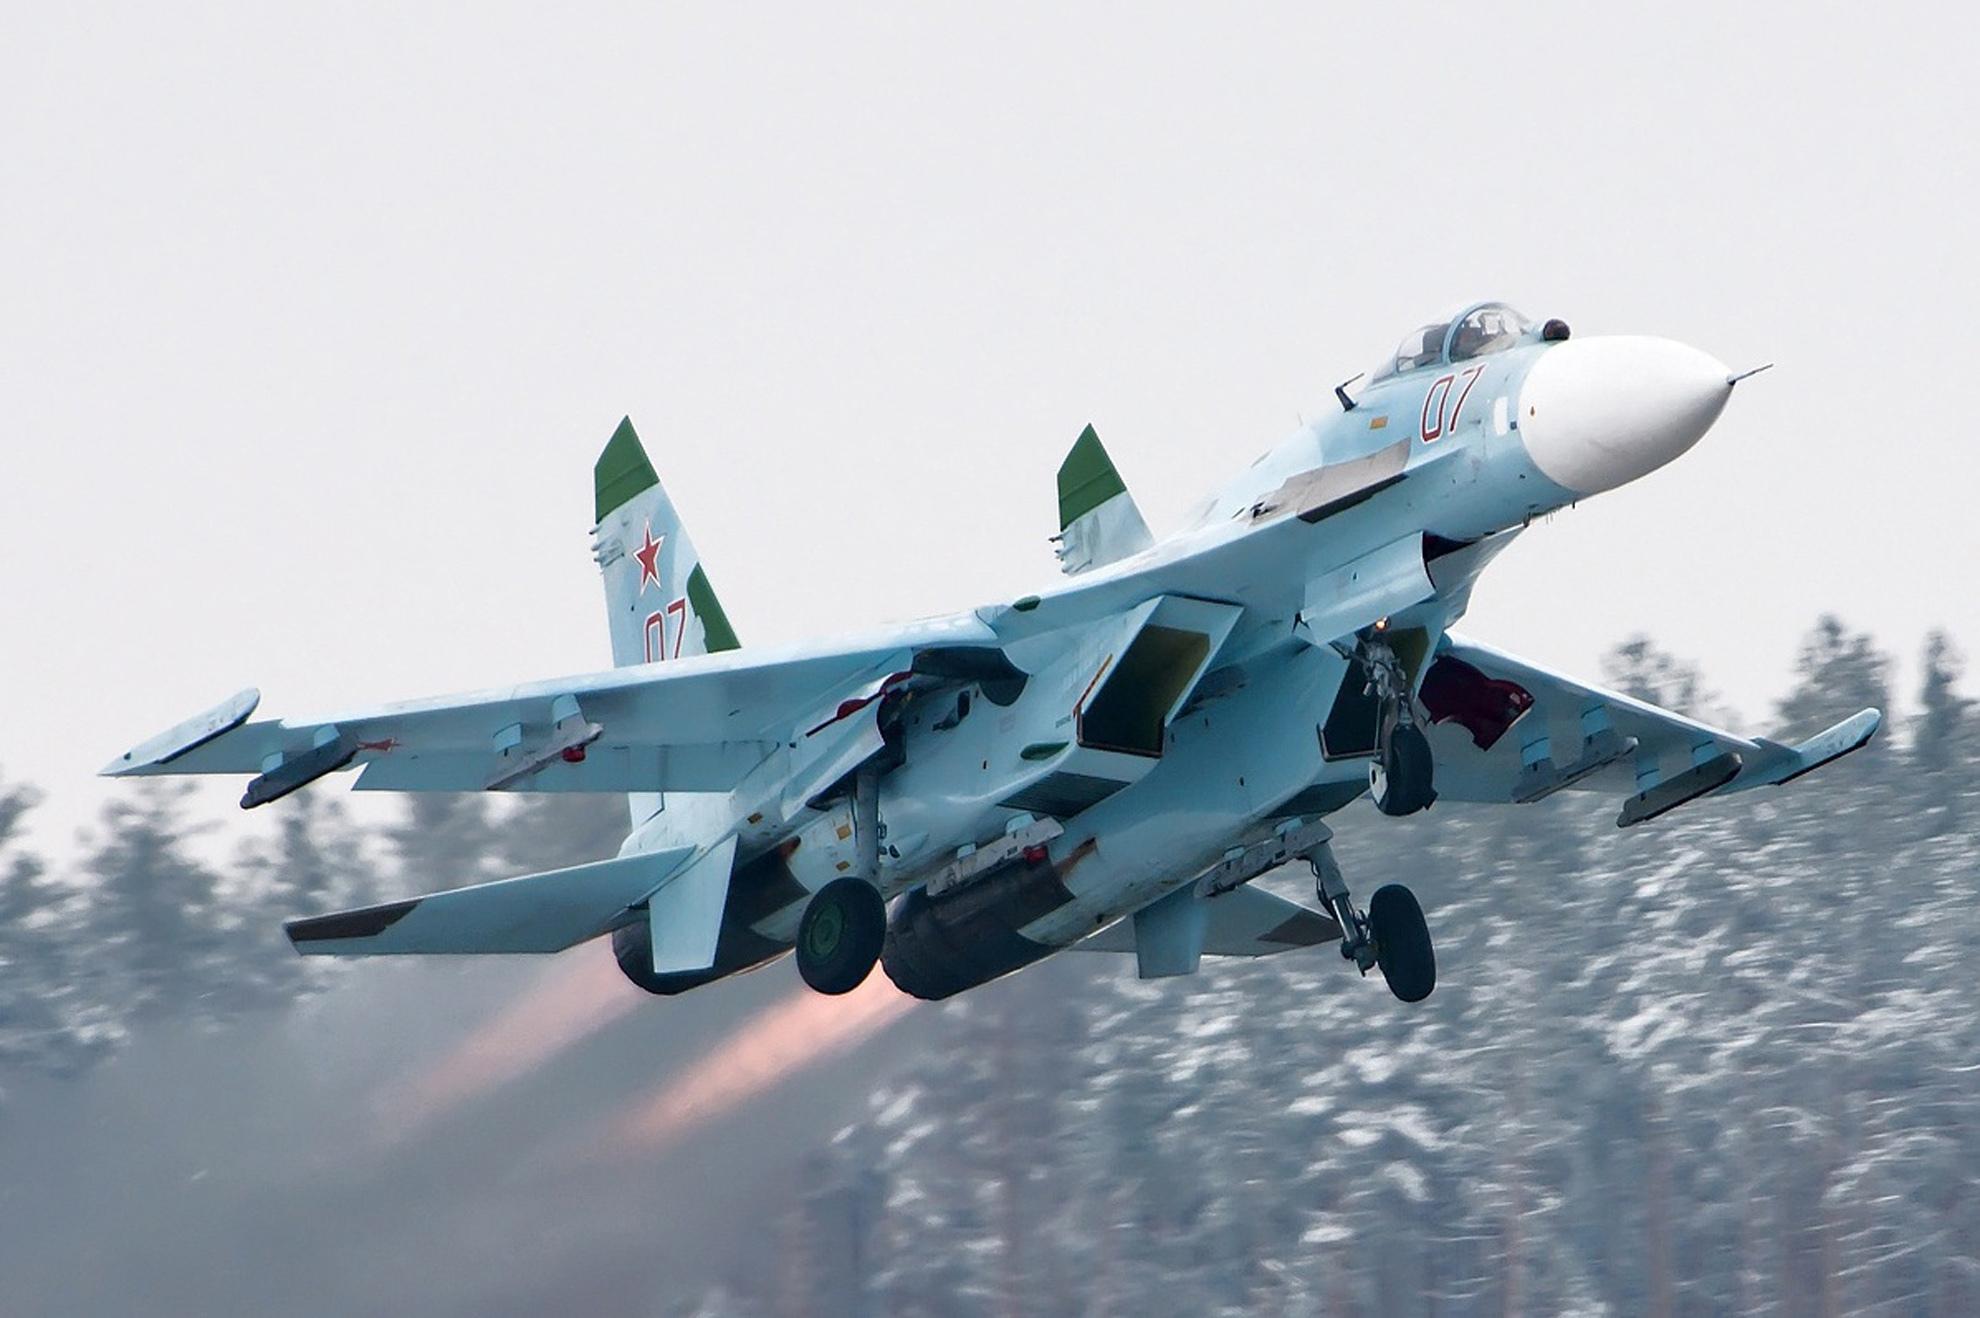 Máy bay Su-27 là thế hệ 'lão tướng' huyền thoại trong số các tiêm kích do Liên Xô sản xuất